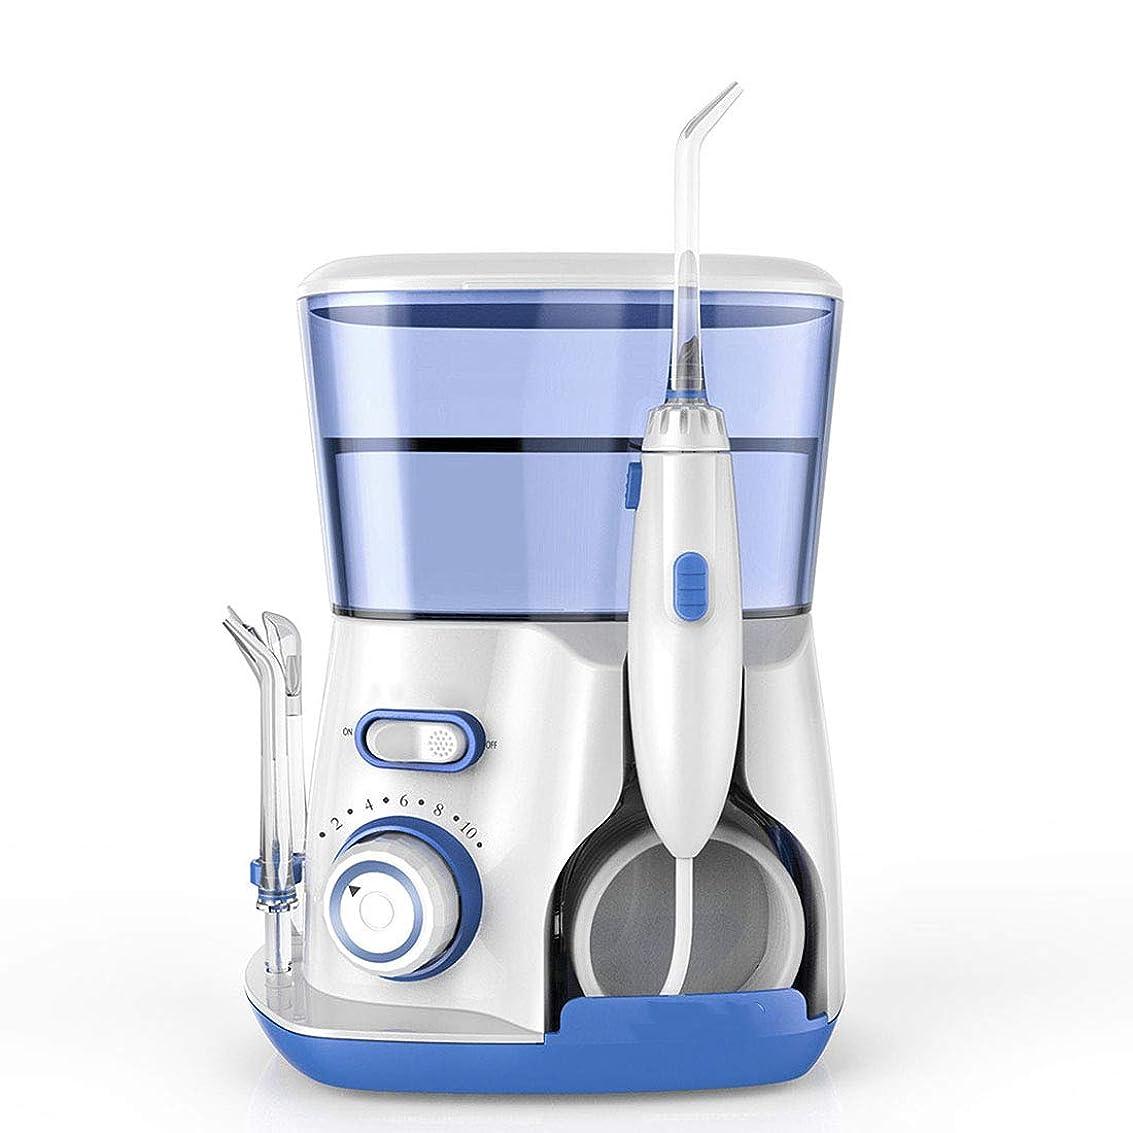 エンドテーブル文明静かな歯のためのウォーターフロッサー、コードレスプロフェッショナル歯科、口腔灌漑器、歯のクリーニングがきれいにホワイトニングの歯を助ける、防水,Purple